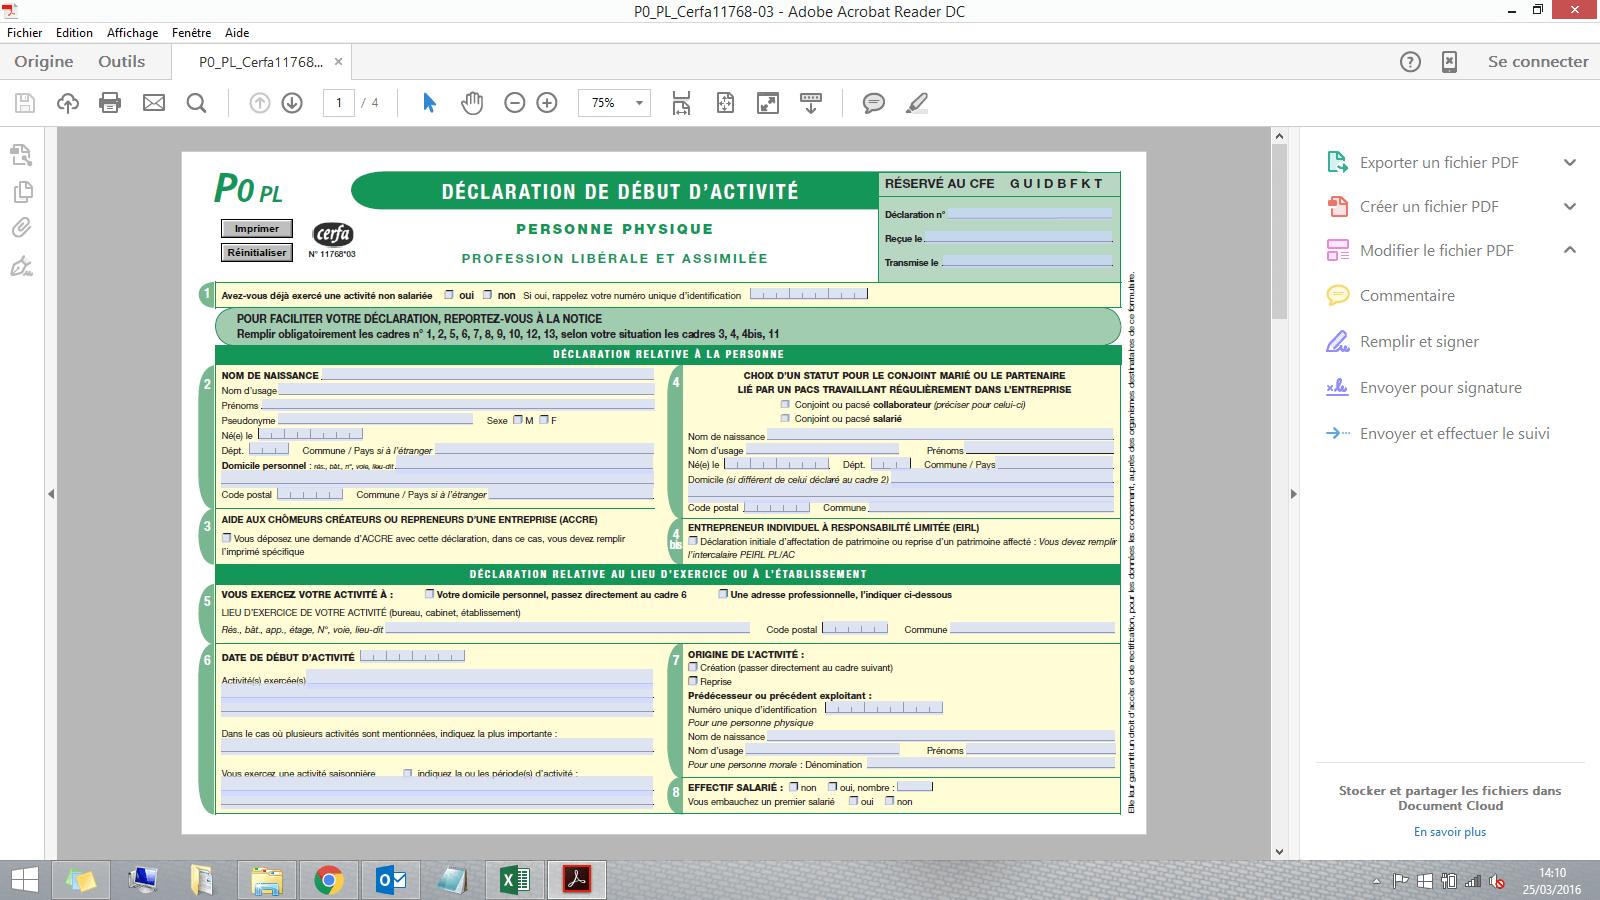 formulaire p0pl